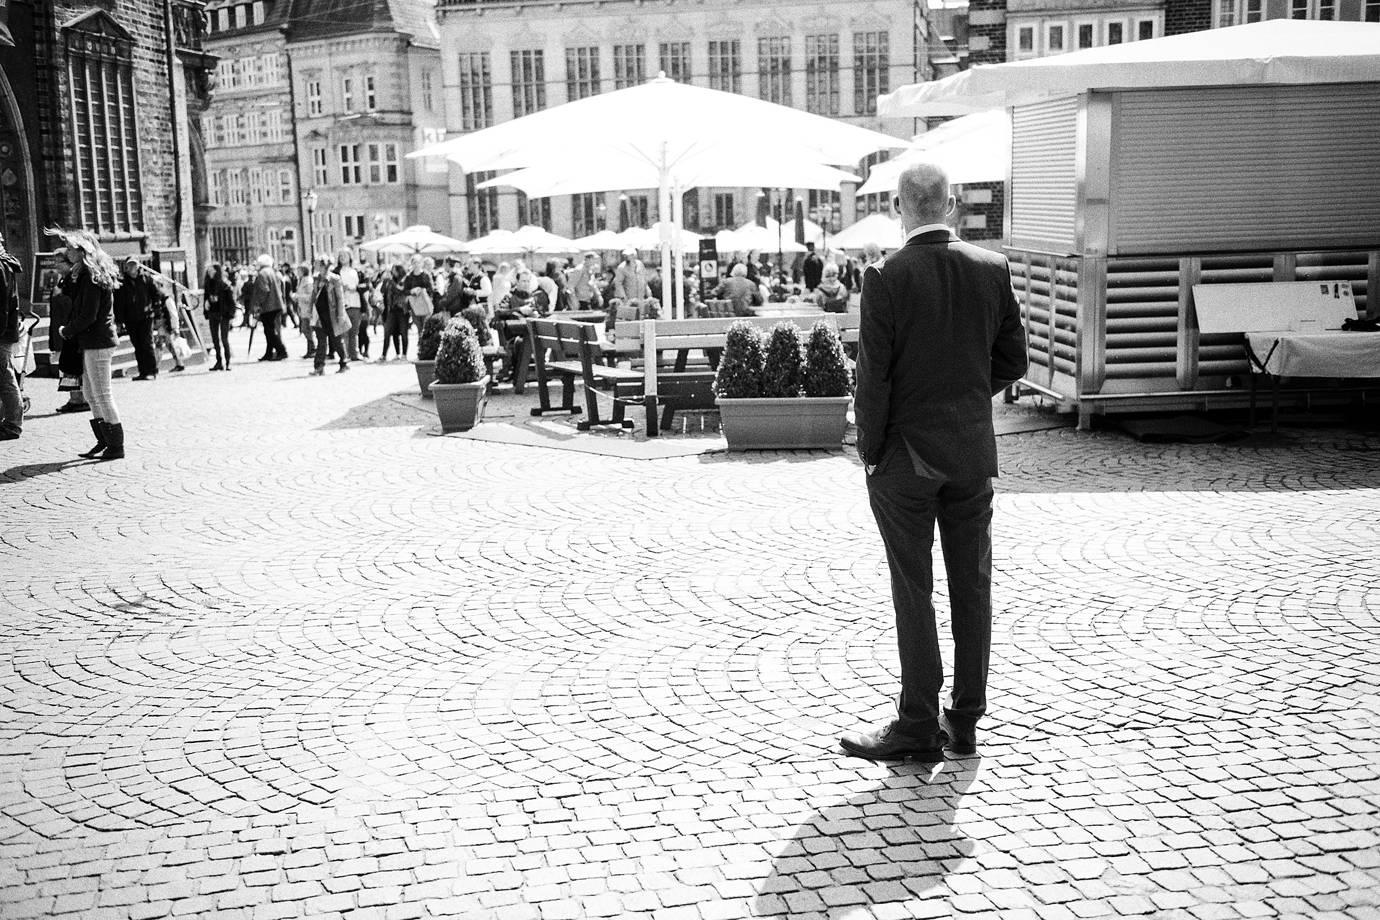 hochzeitsfotograf bremen 010 - Mareike+Lasse